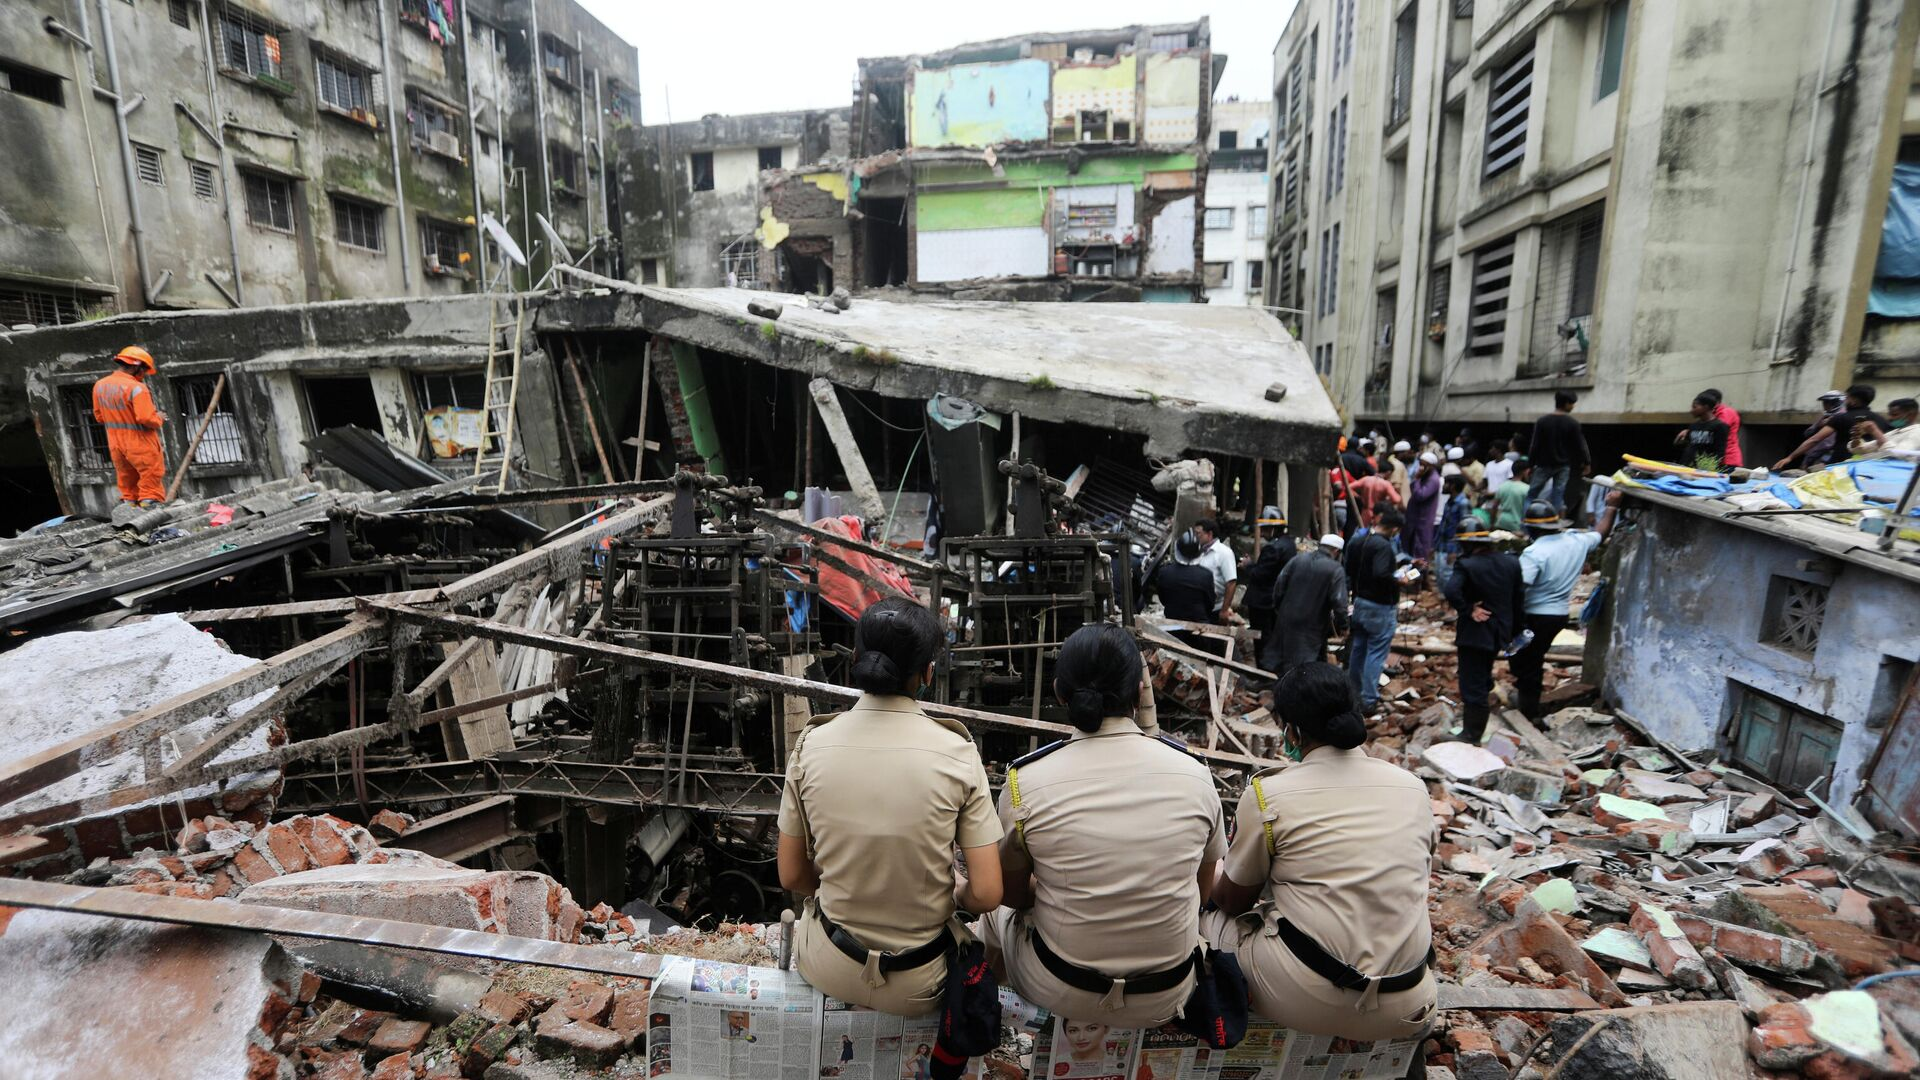 Последствия обрушения трехэтажного здания в городе Бхиванди, Индия - РИА Новости, 1920, 23.09.2020